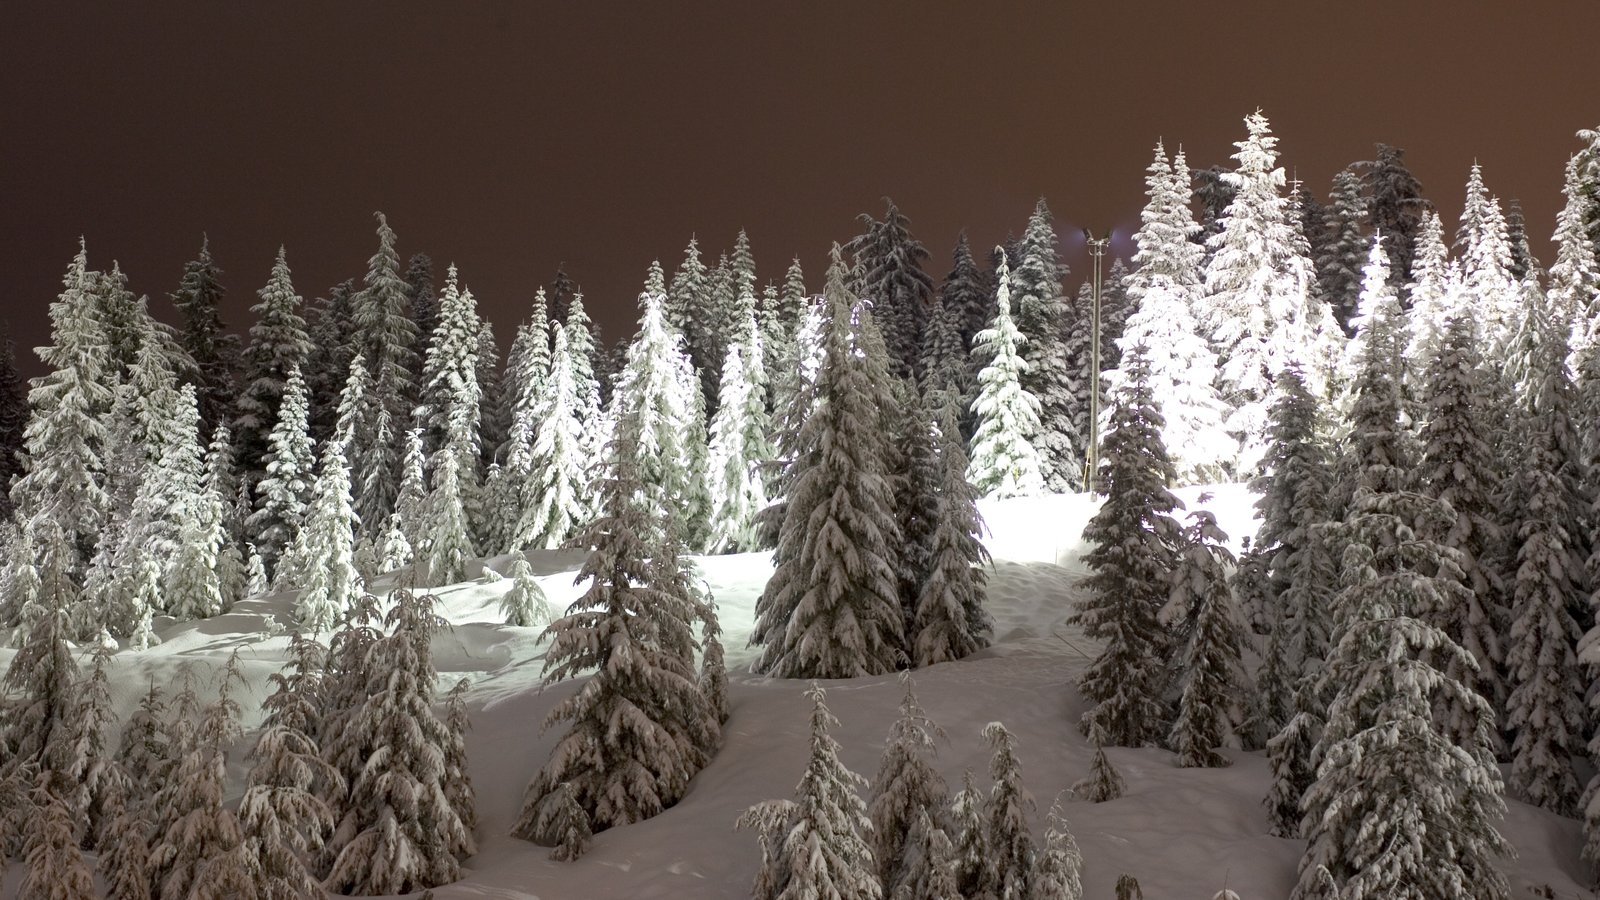 Cypress Mountain mostrando escenas nocturnas, bosques y nieve